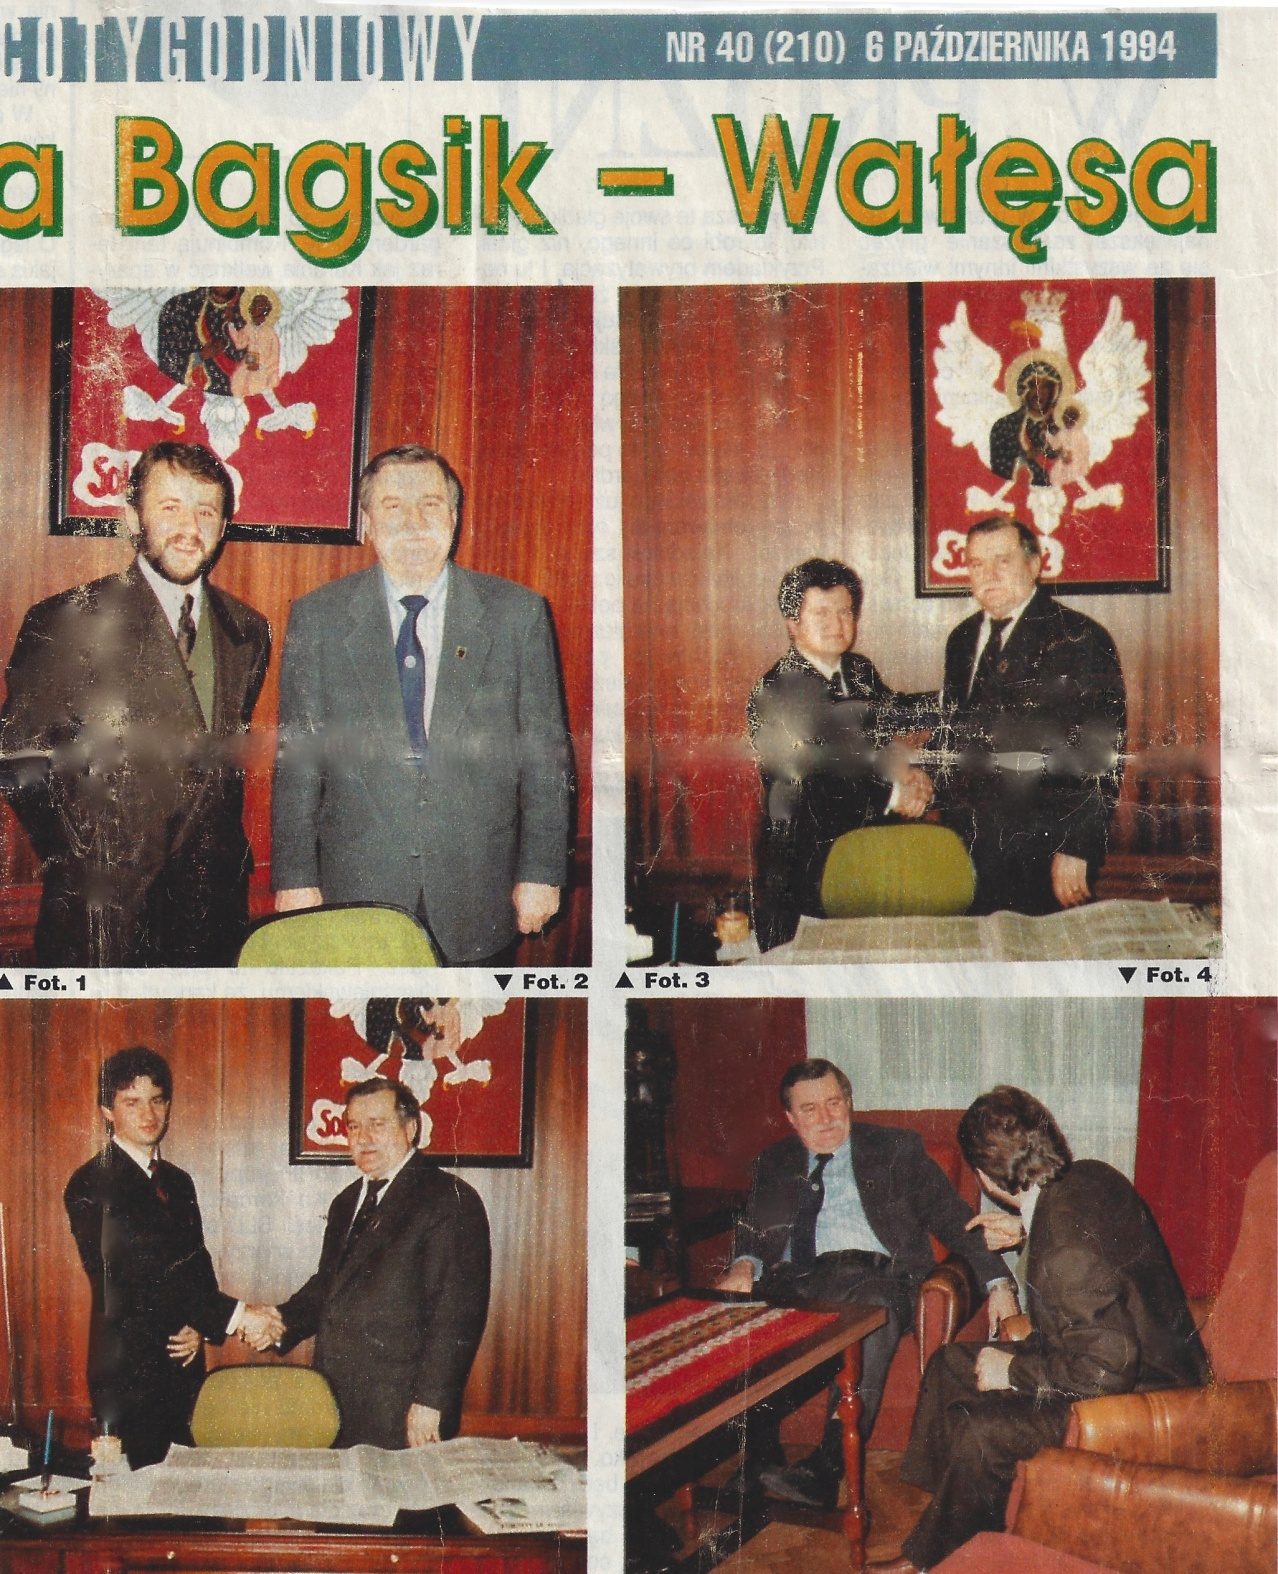 https://artbdotinfo.files.wordpress.com/2017/11/1994-01-06-nie-bliskie-spotkania-bagsik-walesa-1-1-2.jpg?w=1278